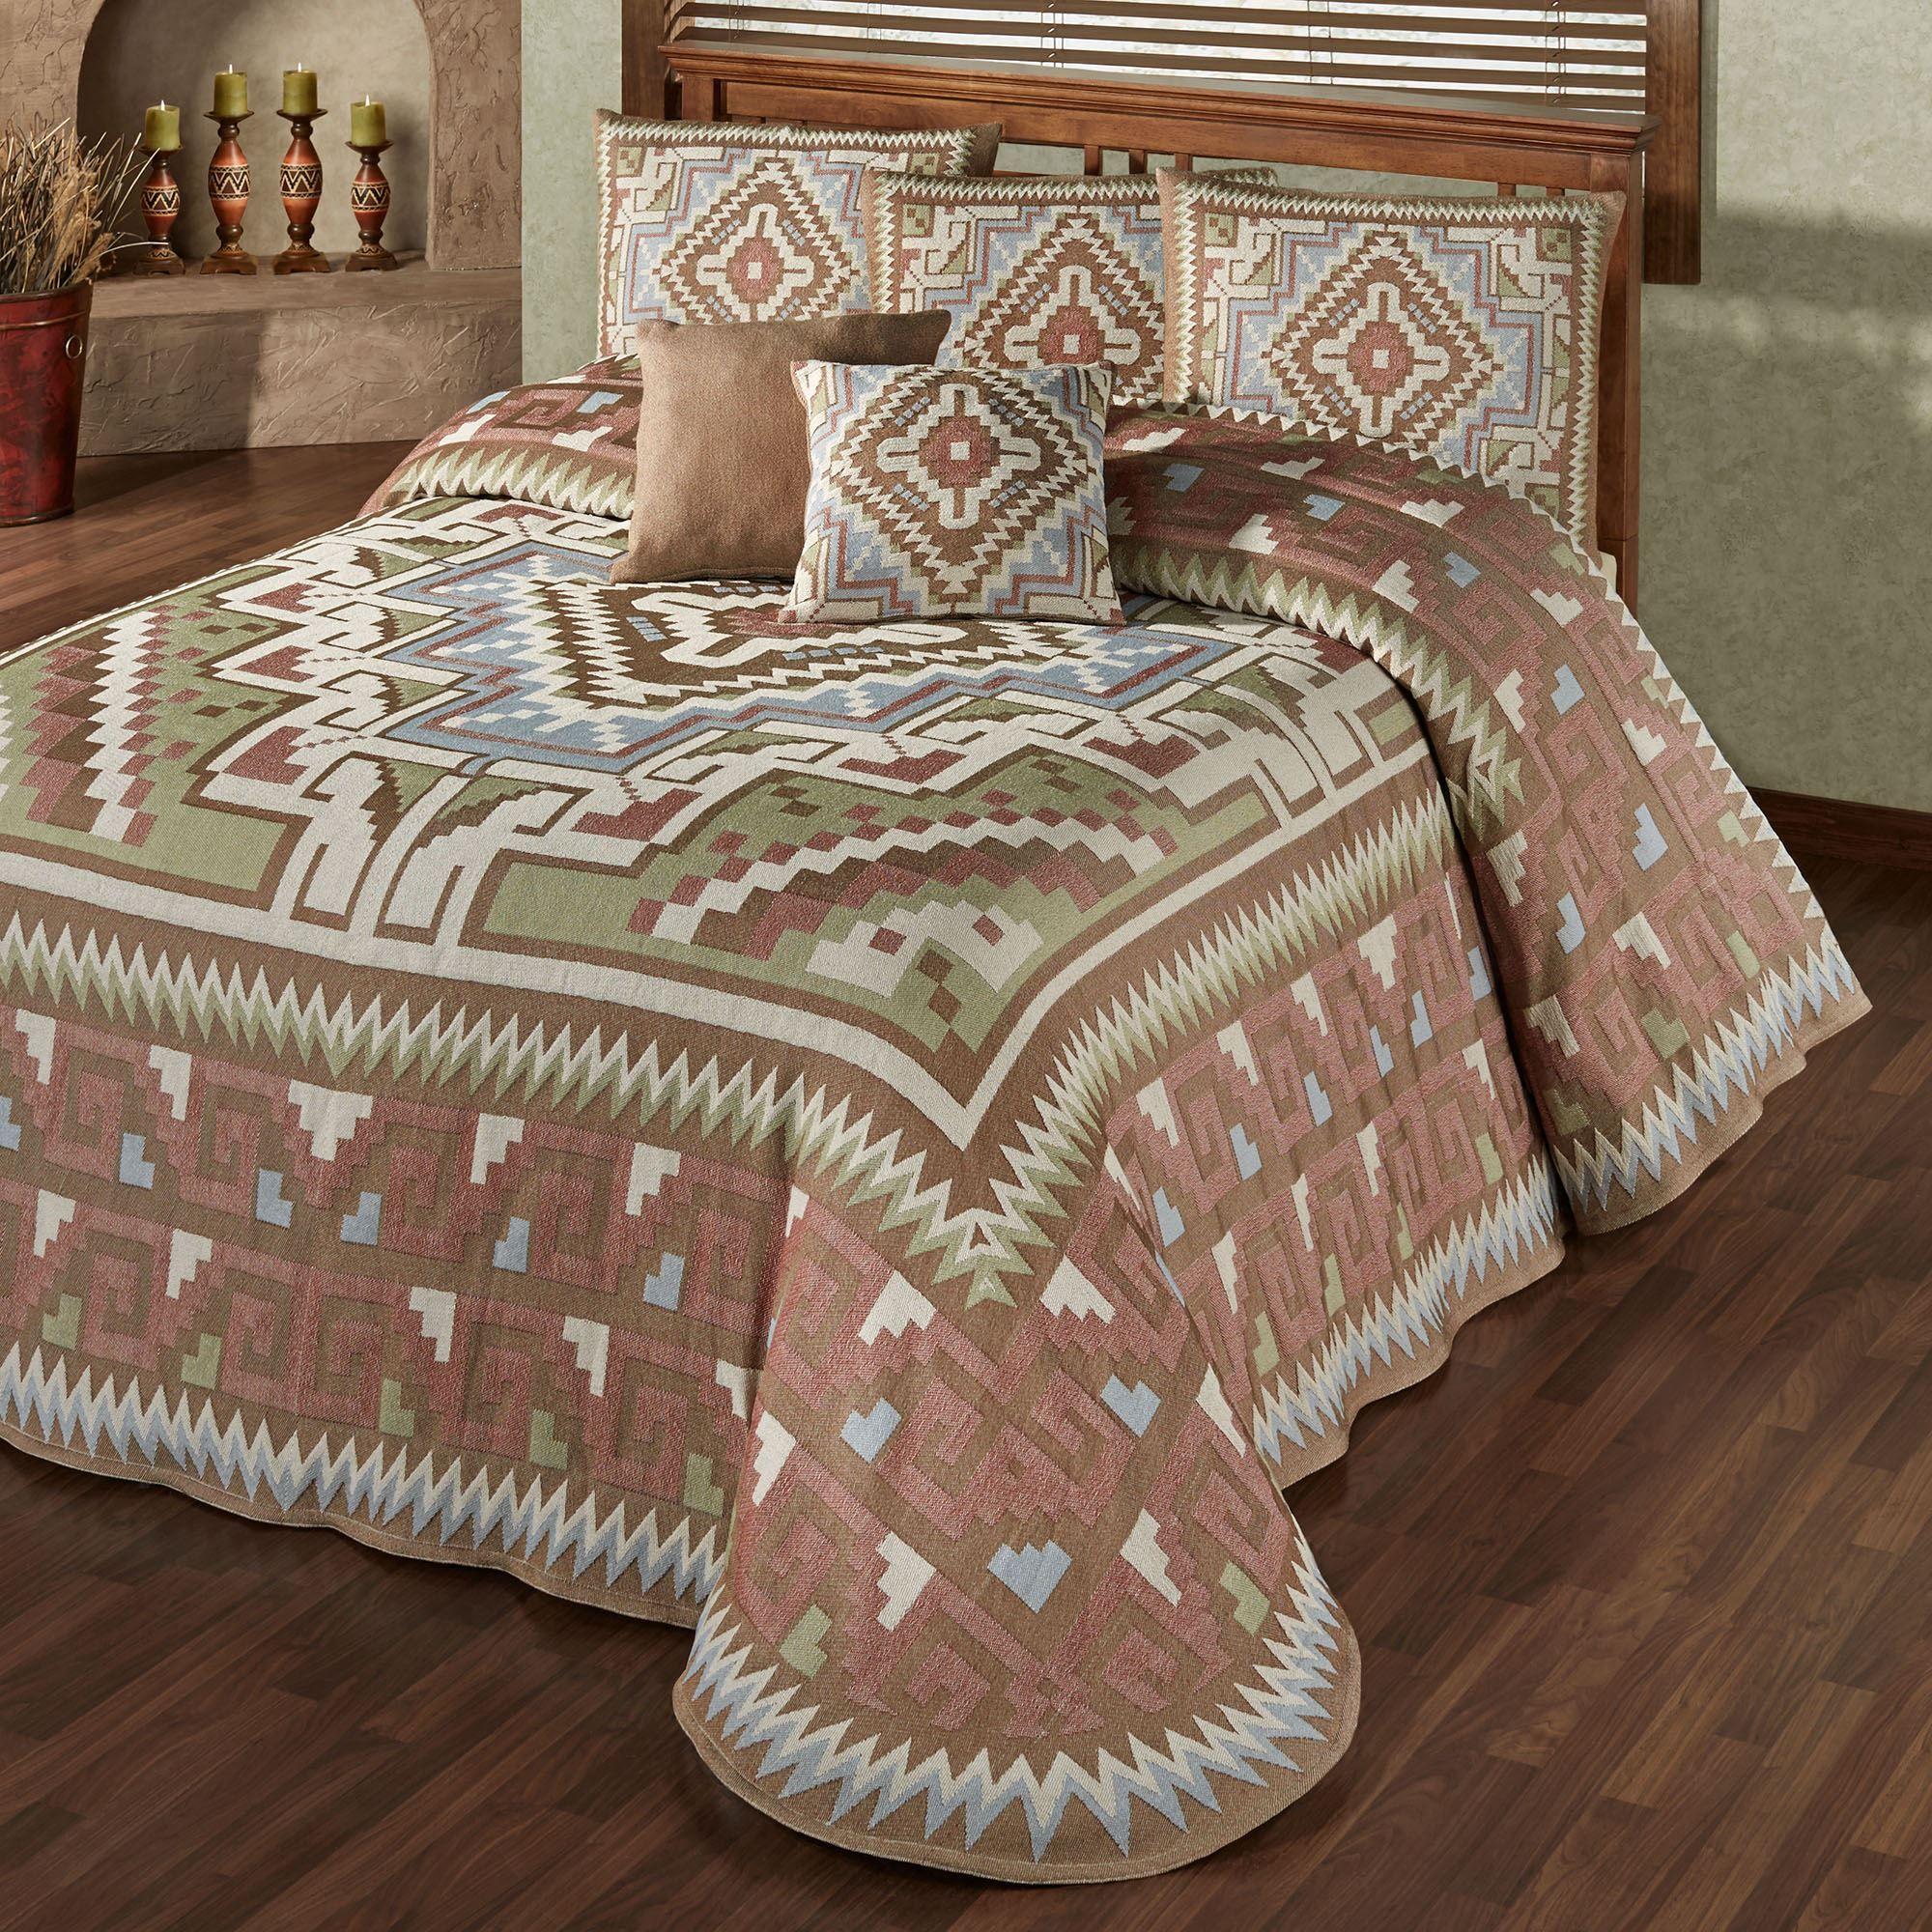 Attractive Valley View Grande Bedspread Multi Warm